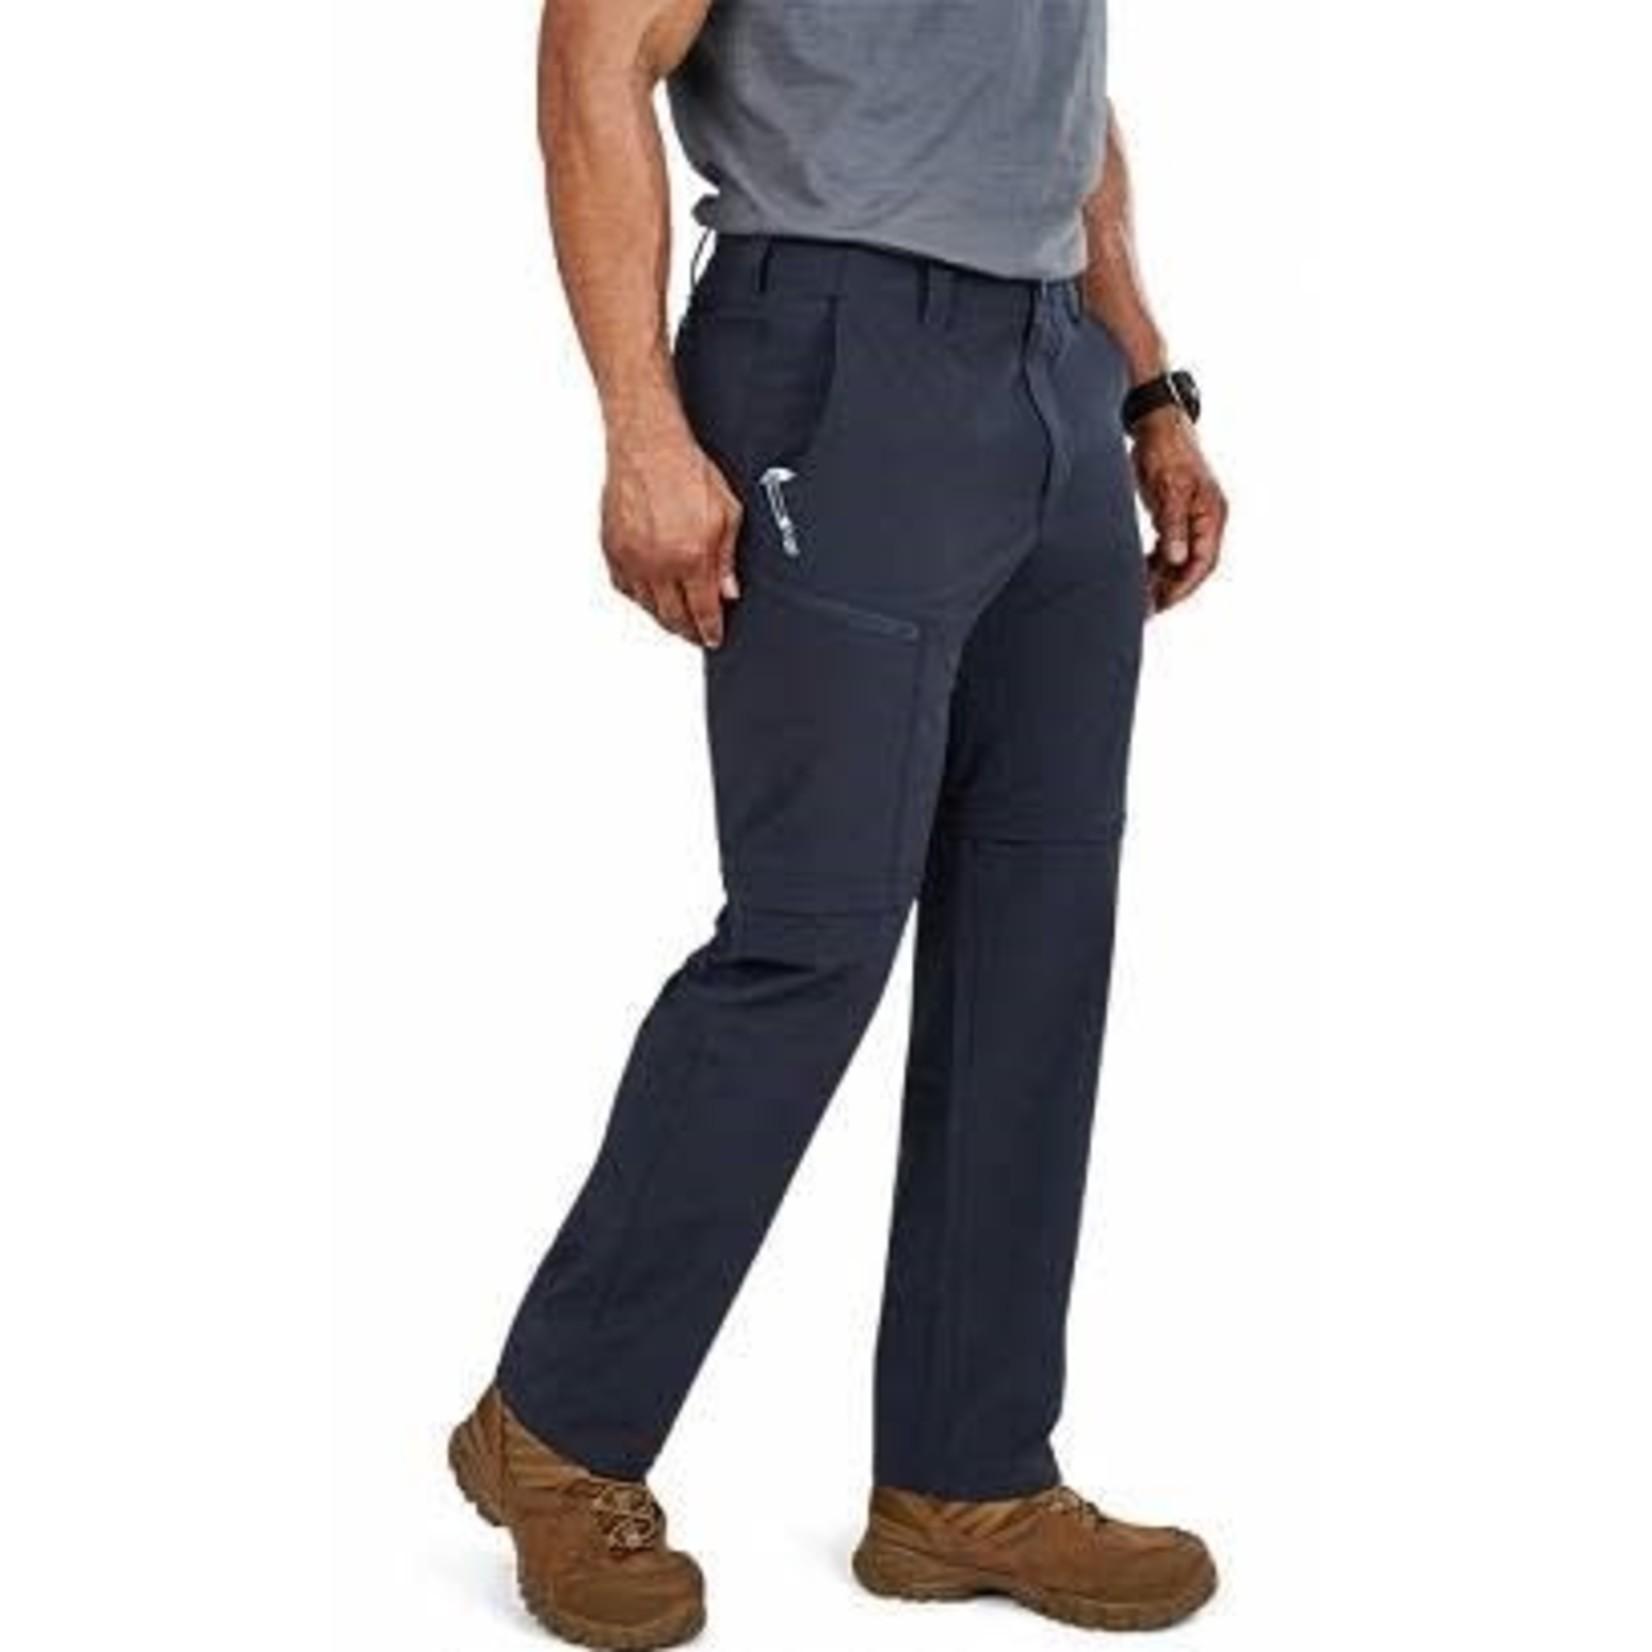 5.11 Tactical 5.11 Men's Convertible Pant